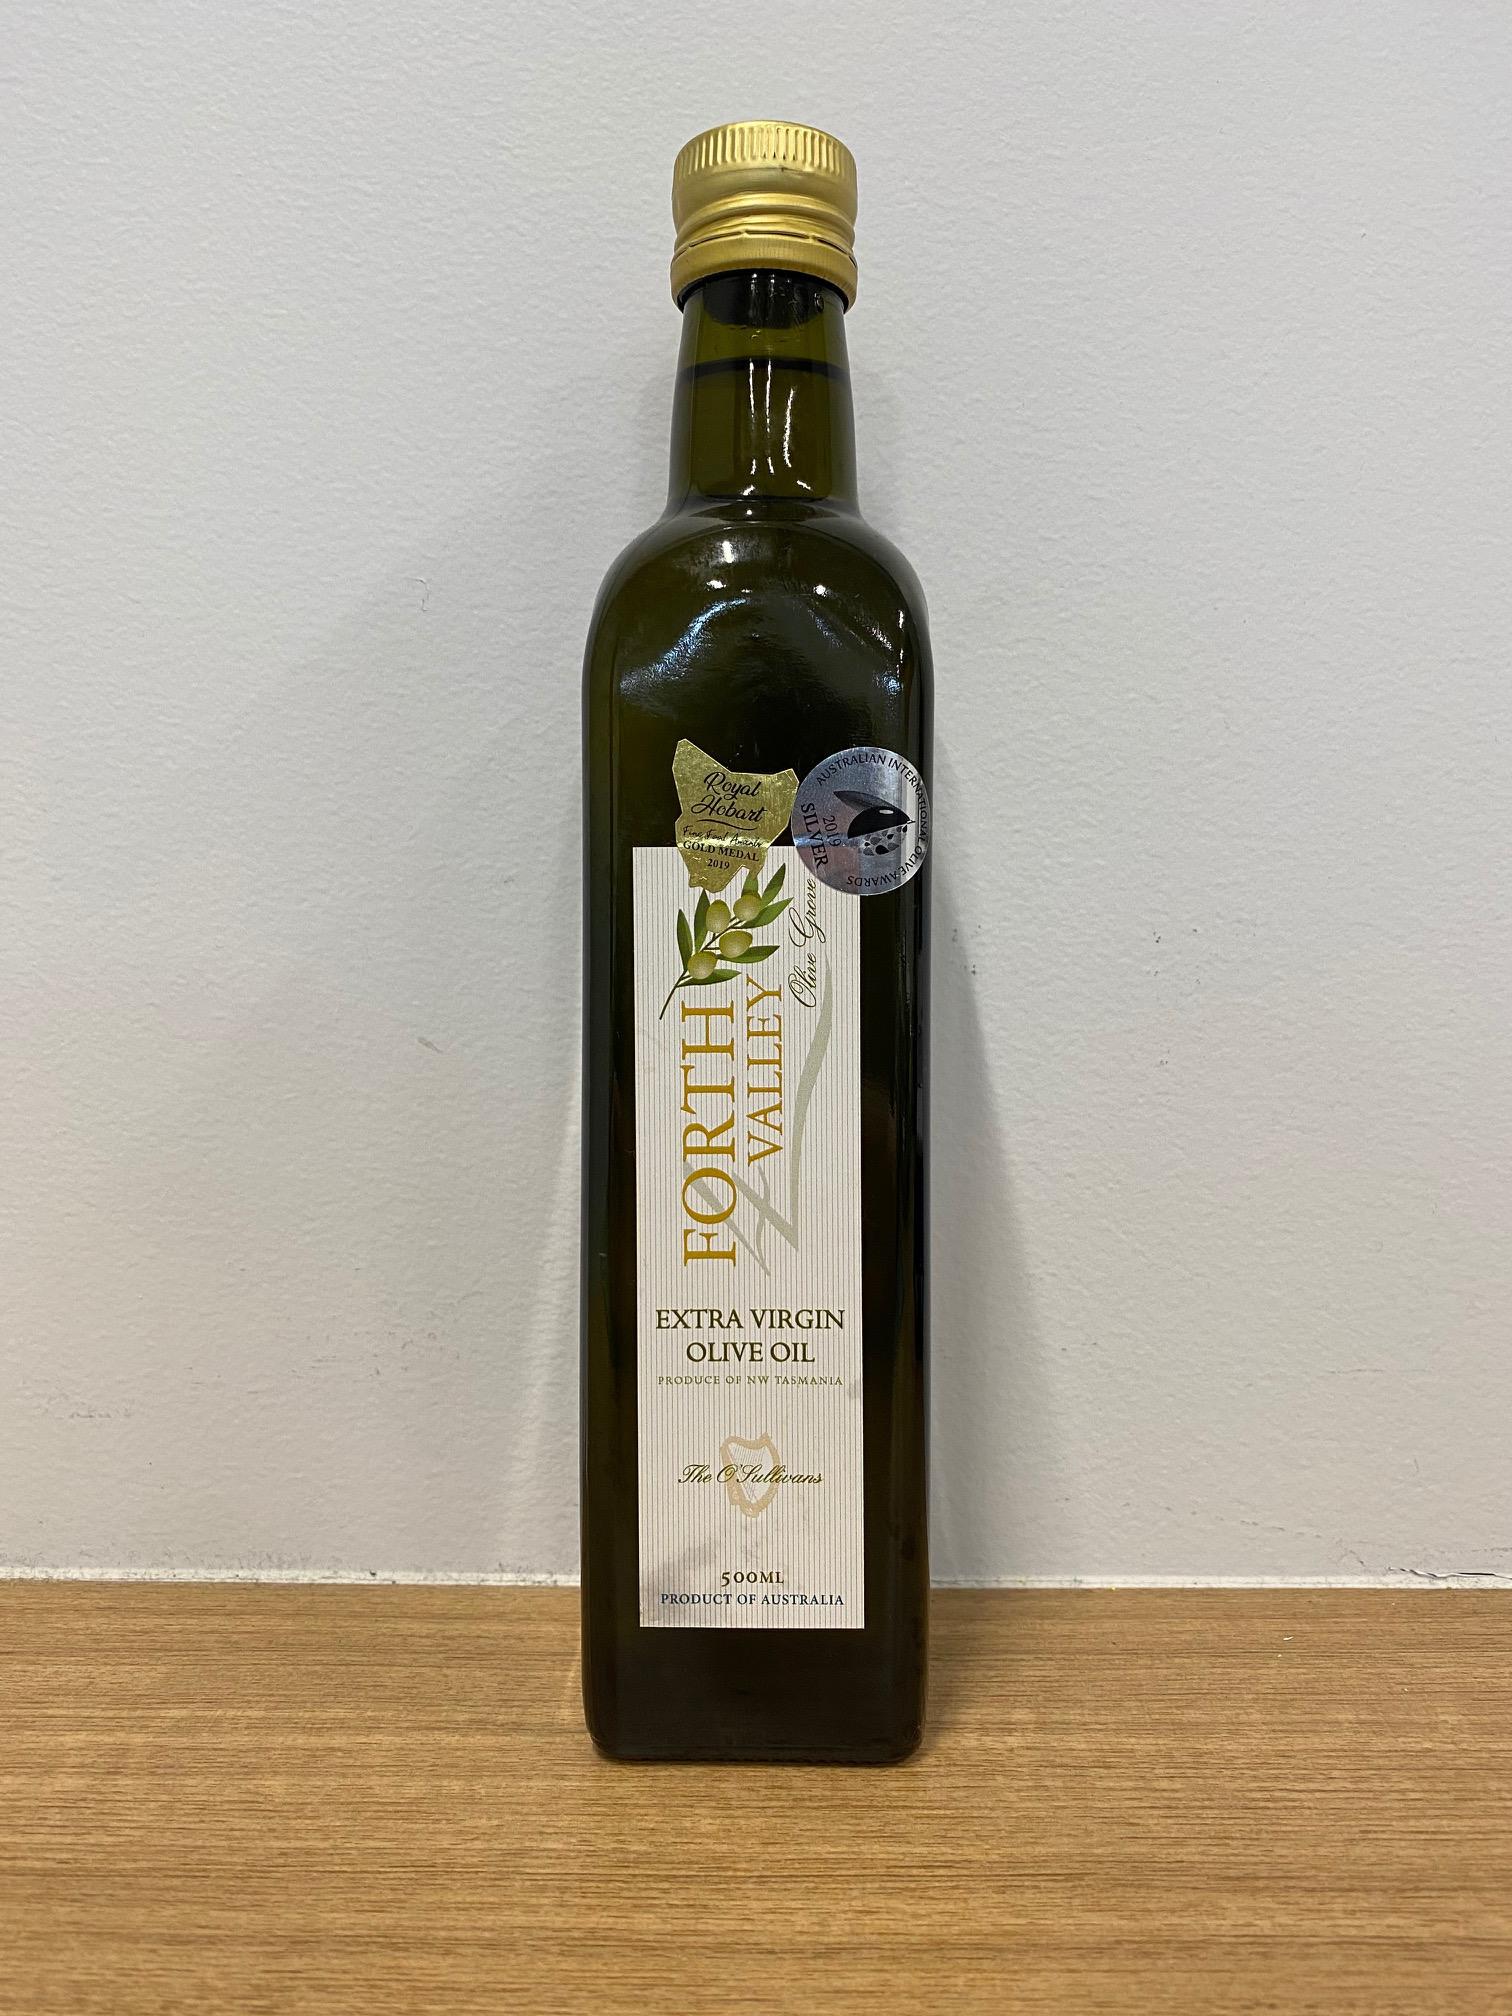 500ml olive oil bottle